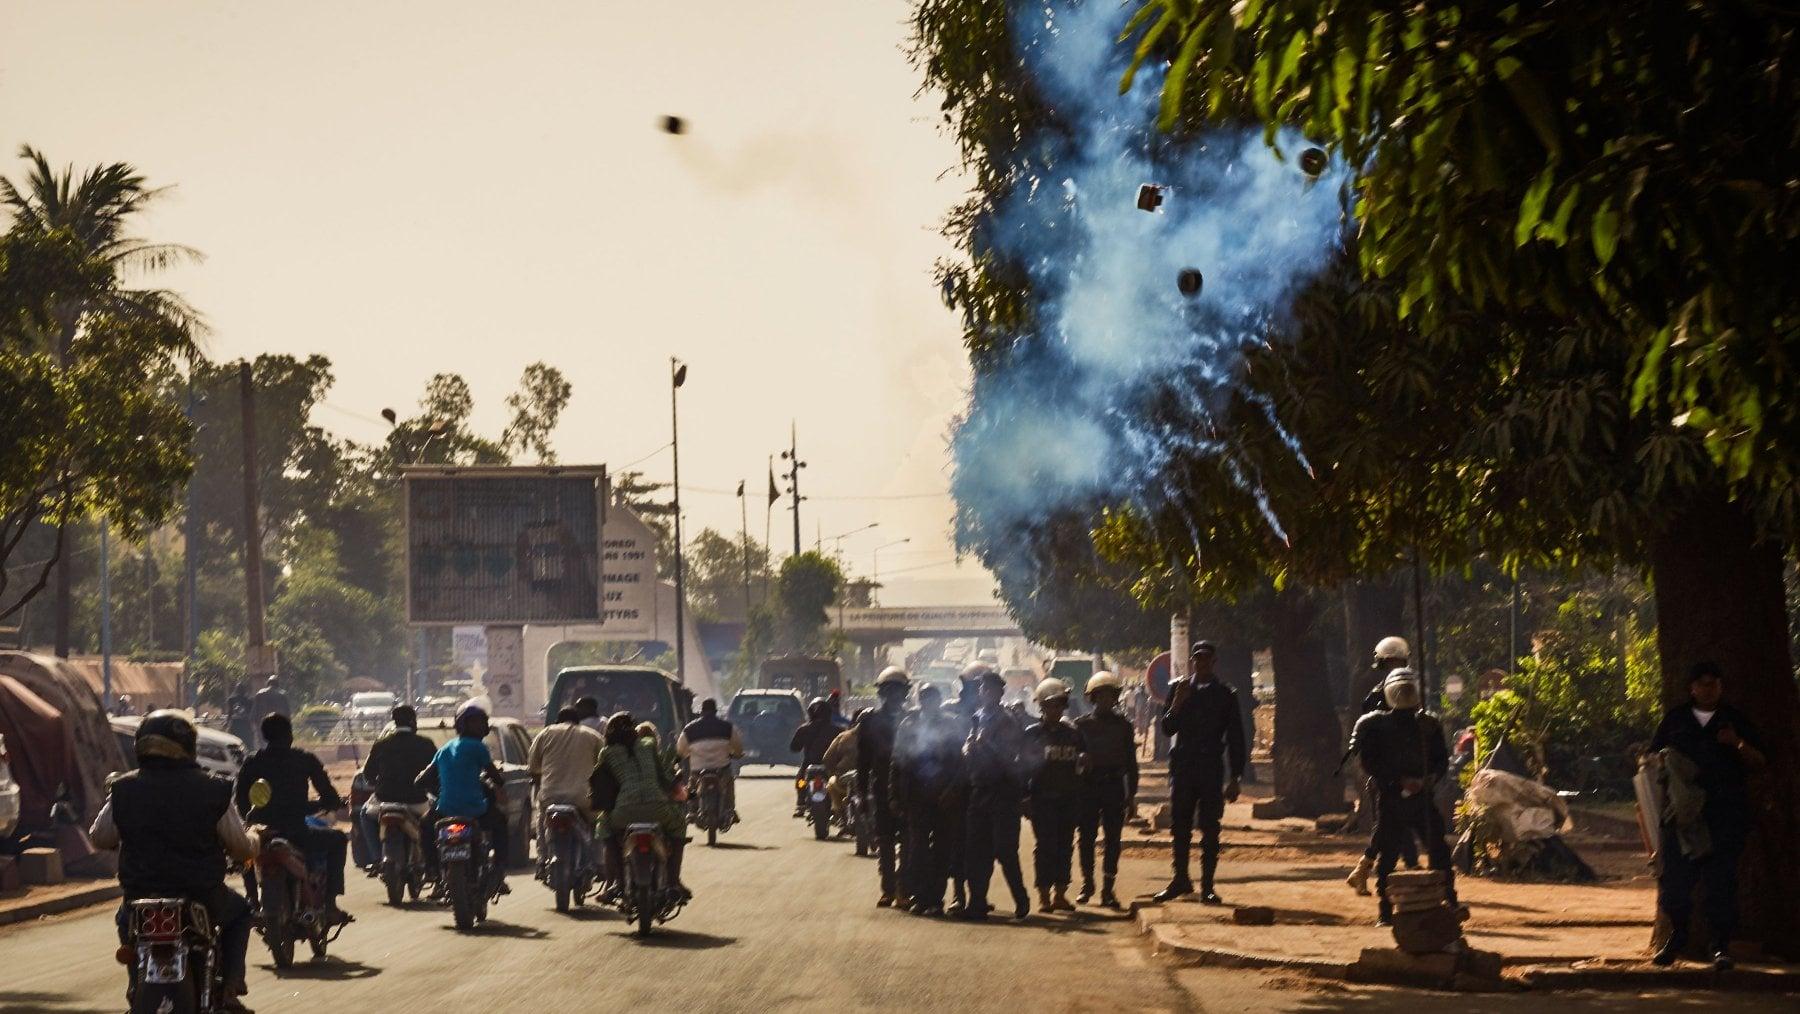 160823399 32e83d15 8b41 4eb8 8396 3ef9d332fd6d - Niger al voto tra crisi dei migranti e lotta al terrorismo: primo passaggio di poteri democratico dall'indipendenza